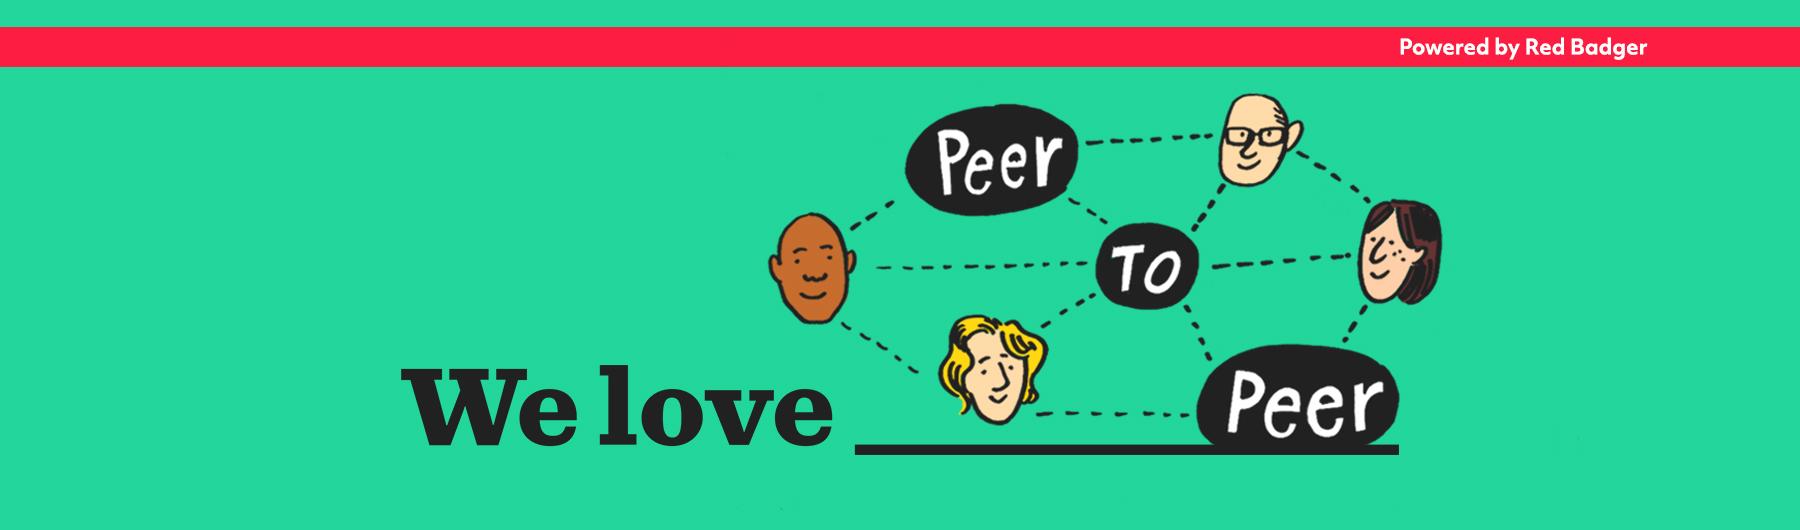 We love peer to peer web